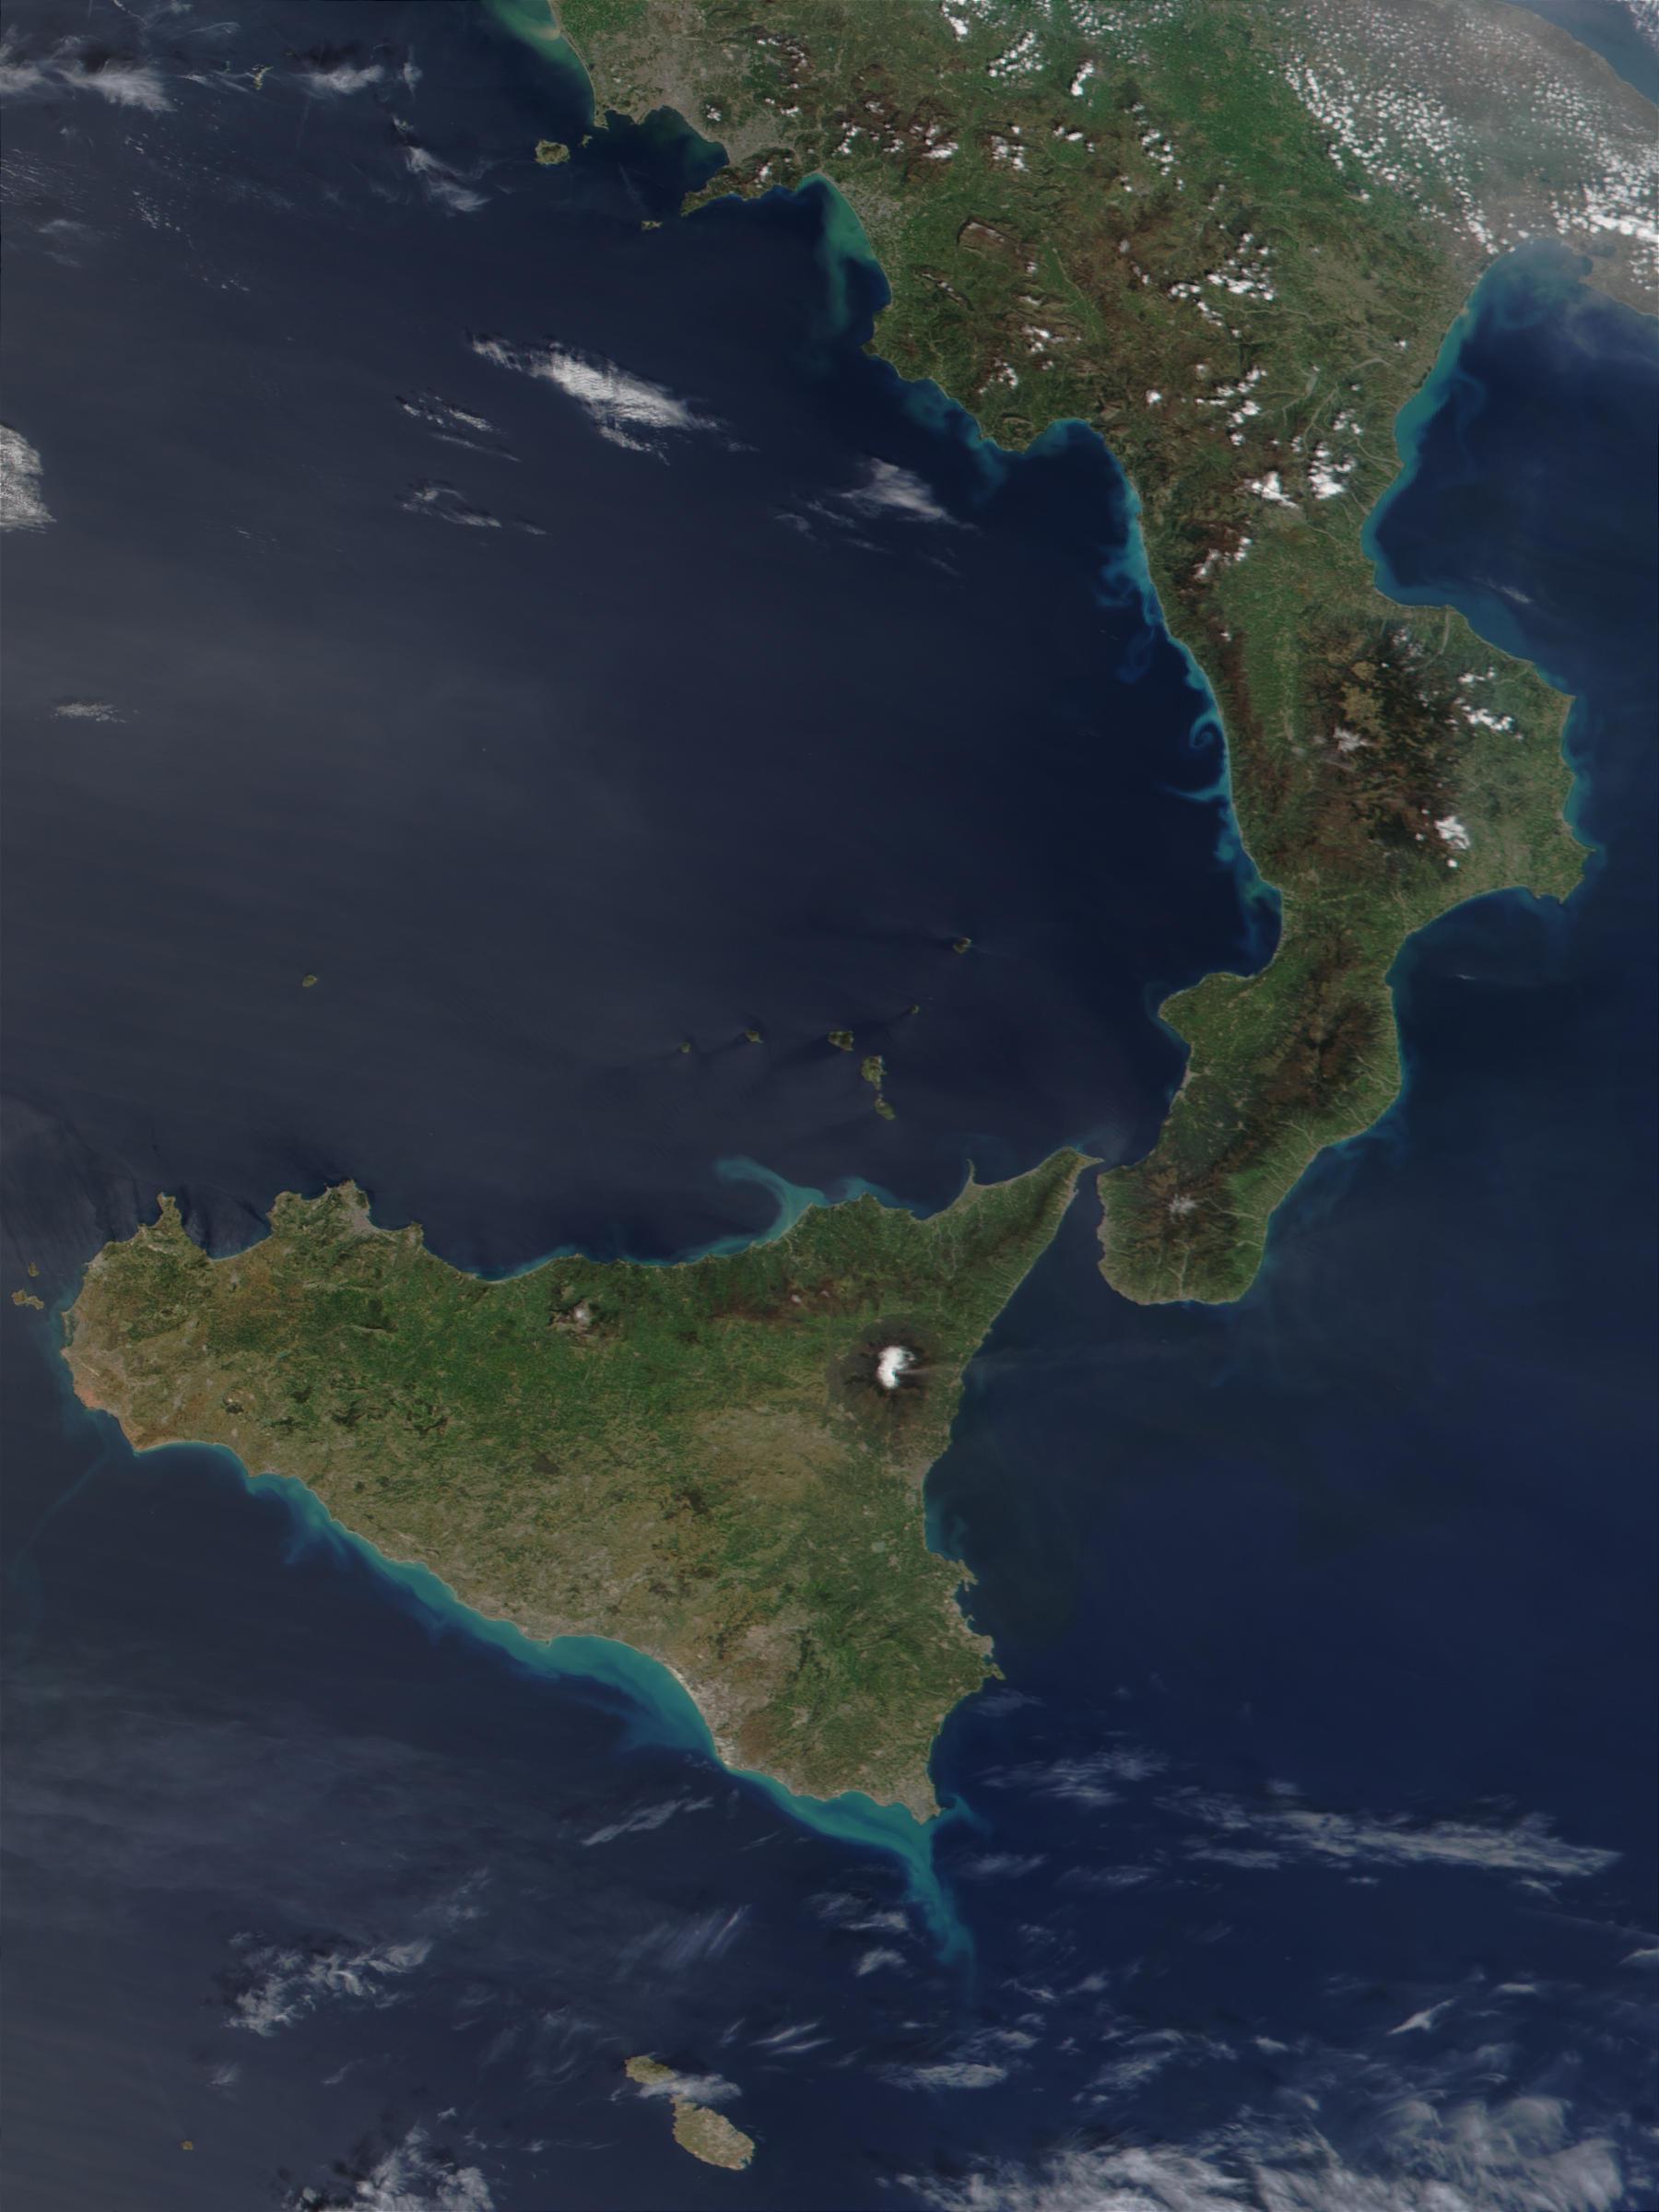 Penacho de humo del Monte Etna